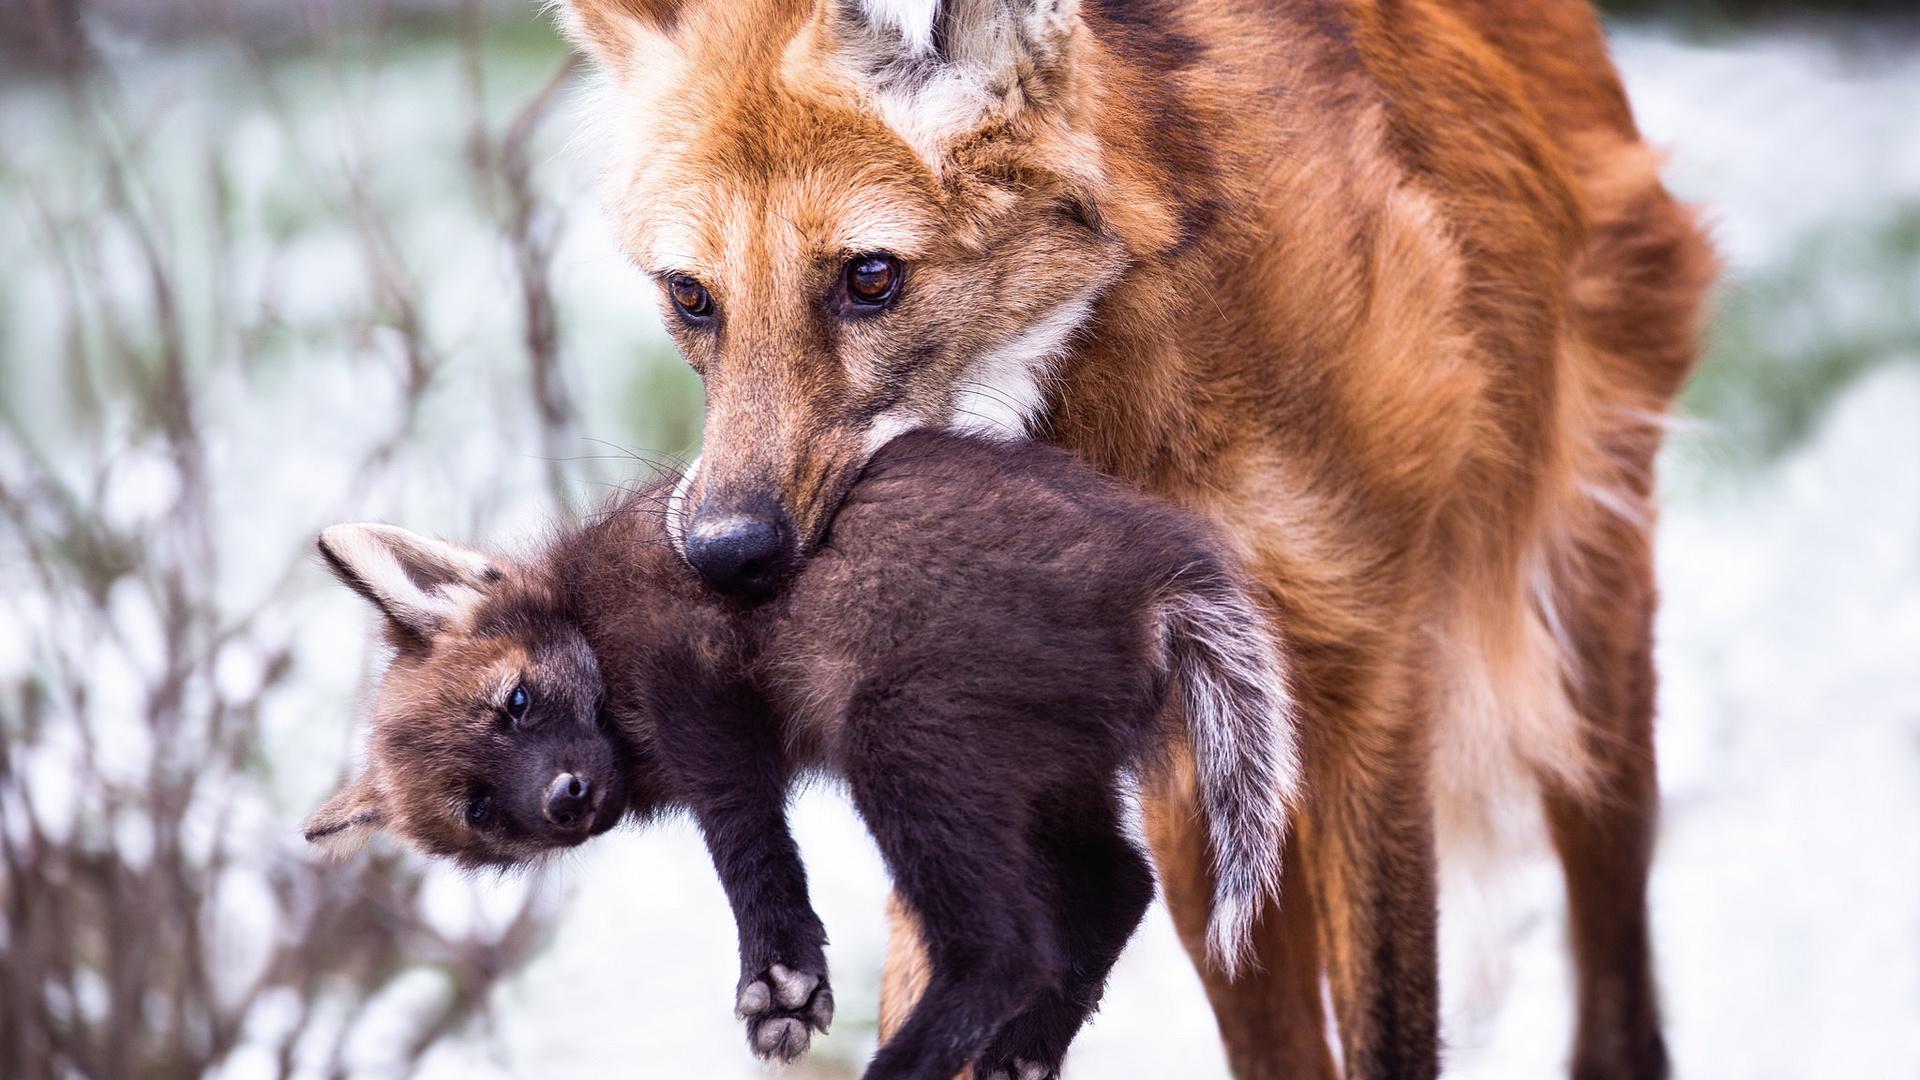 картинки лисы с лисятами от волка образом получается, что